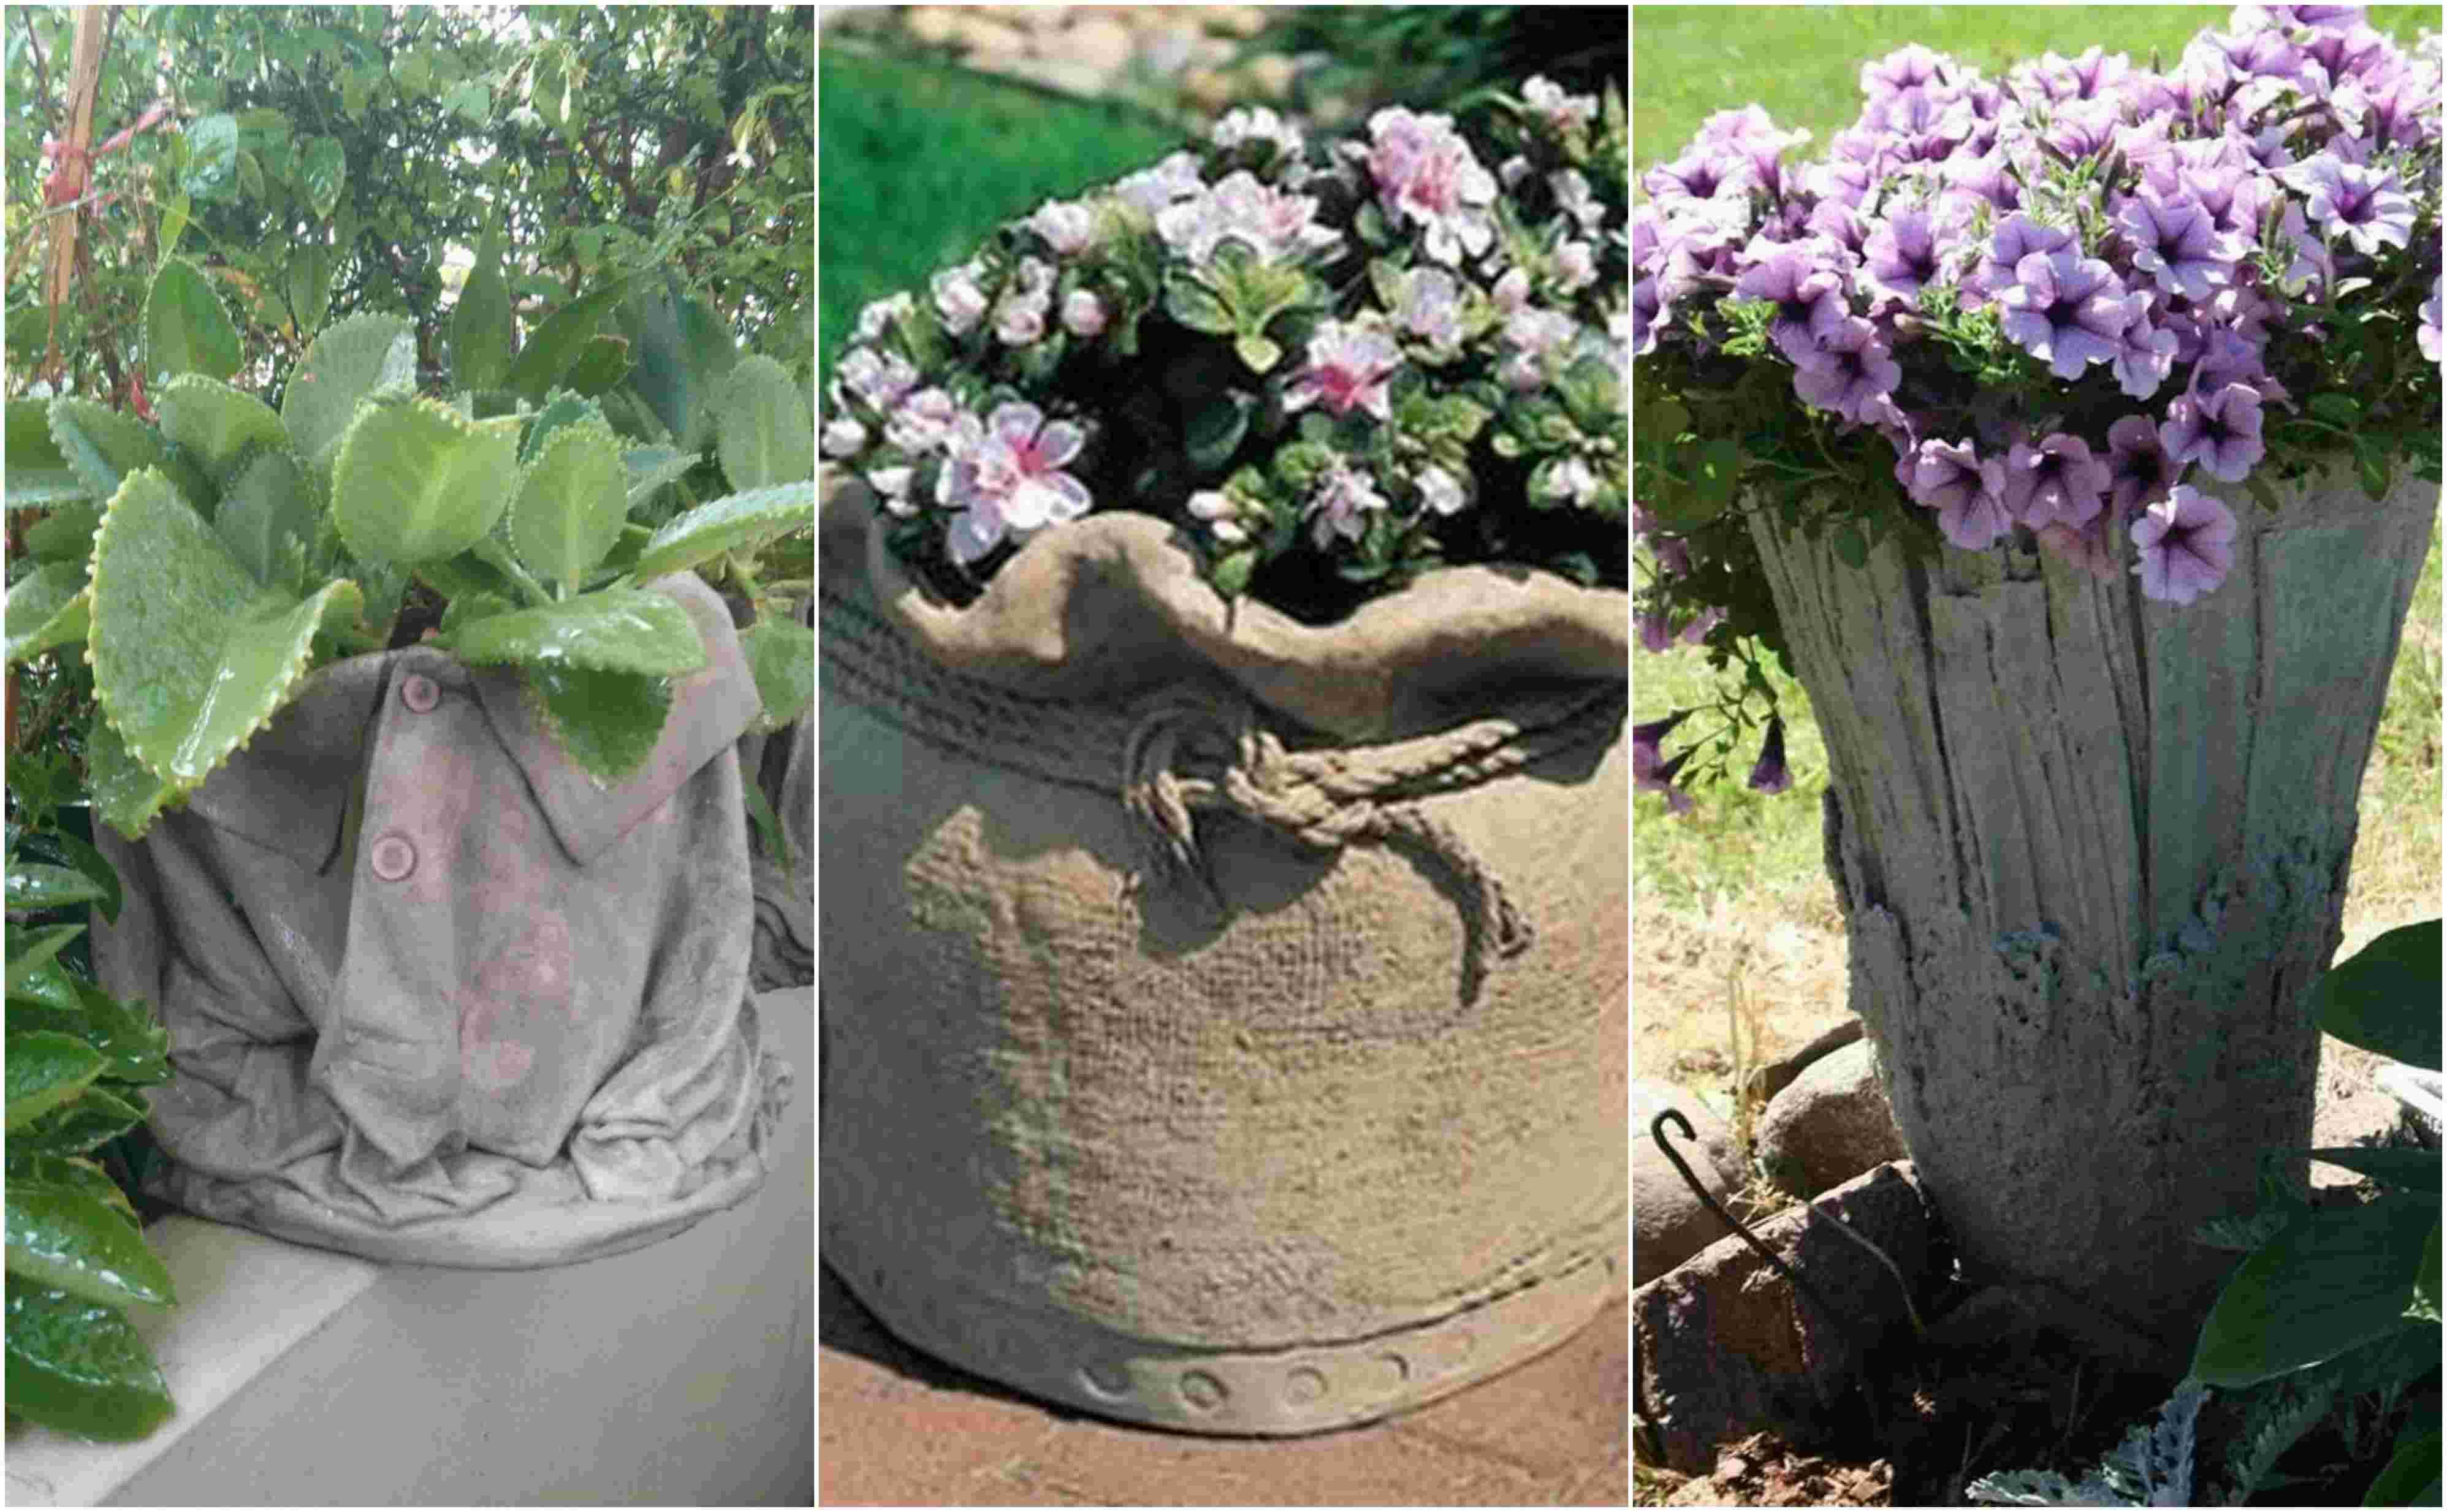 Πρωτότυπες diy γλάστρες στον κήπο από τσιμέντο και παλιά ρούχα που δεν φοράτε πλέον